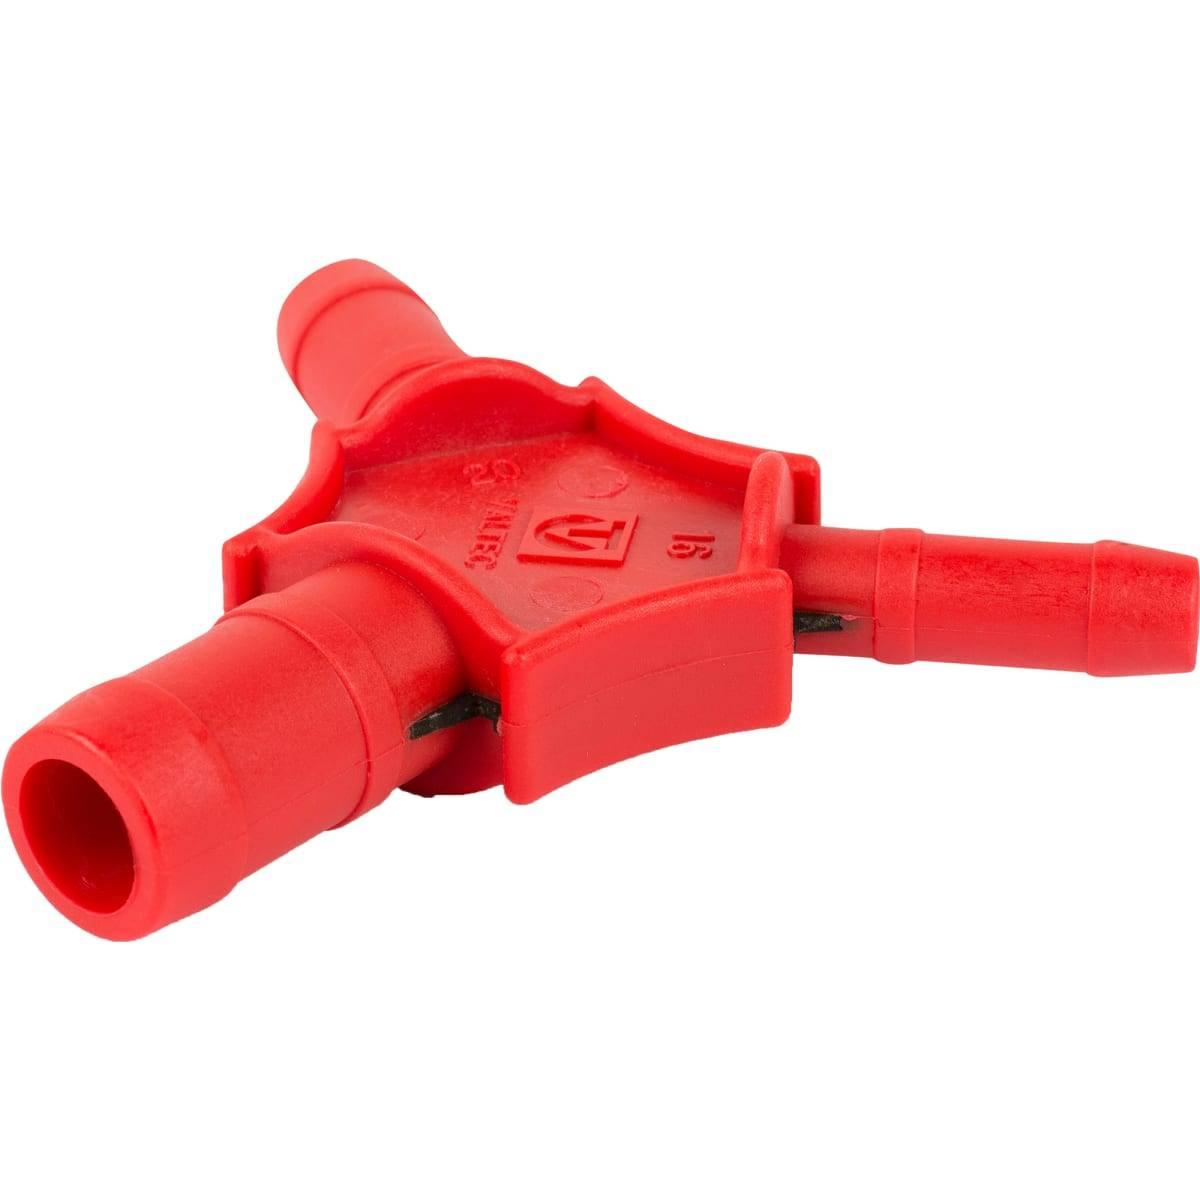 Калибратор для металлопластиковых труб, что это? Инструкция +Фото и Видео